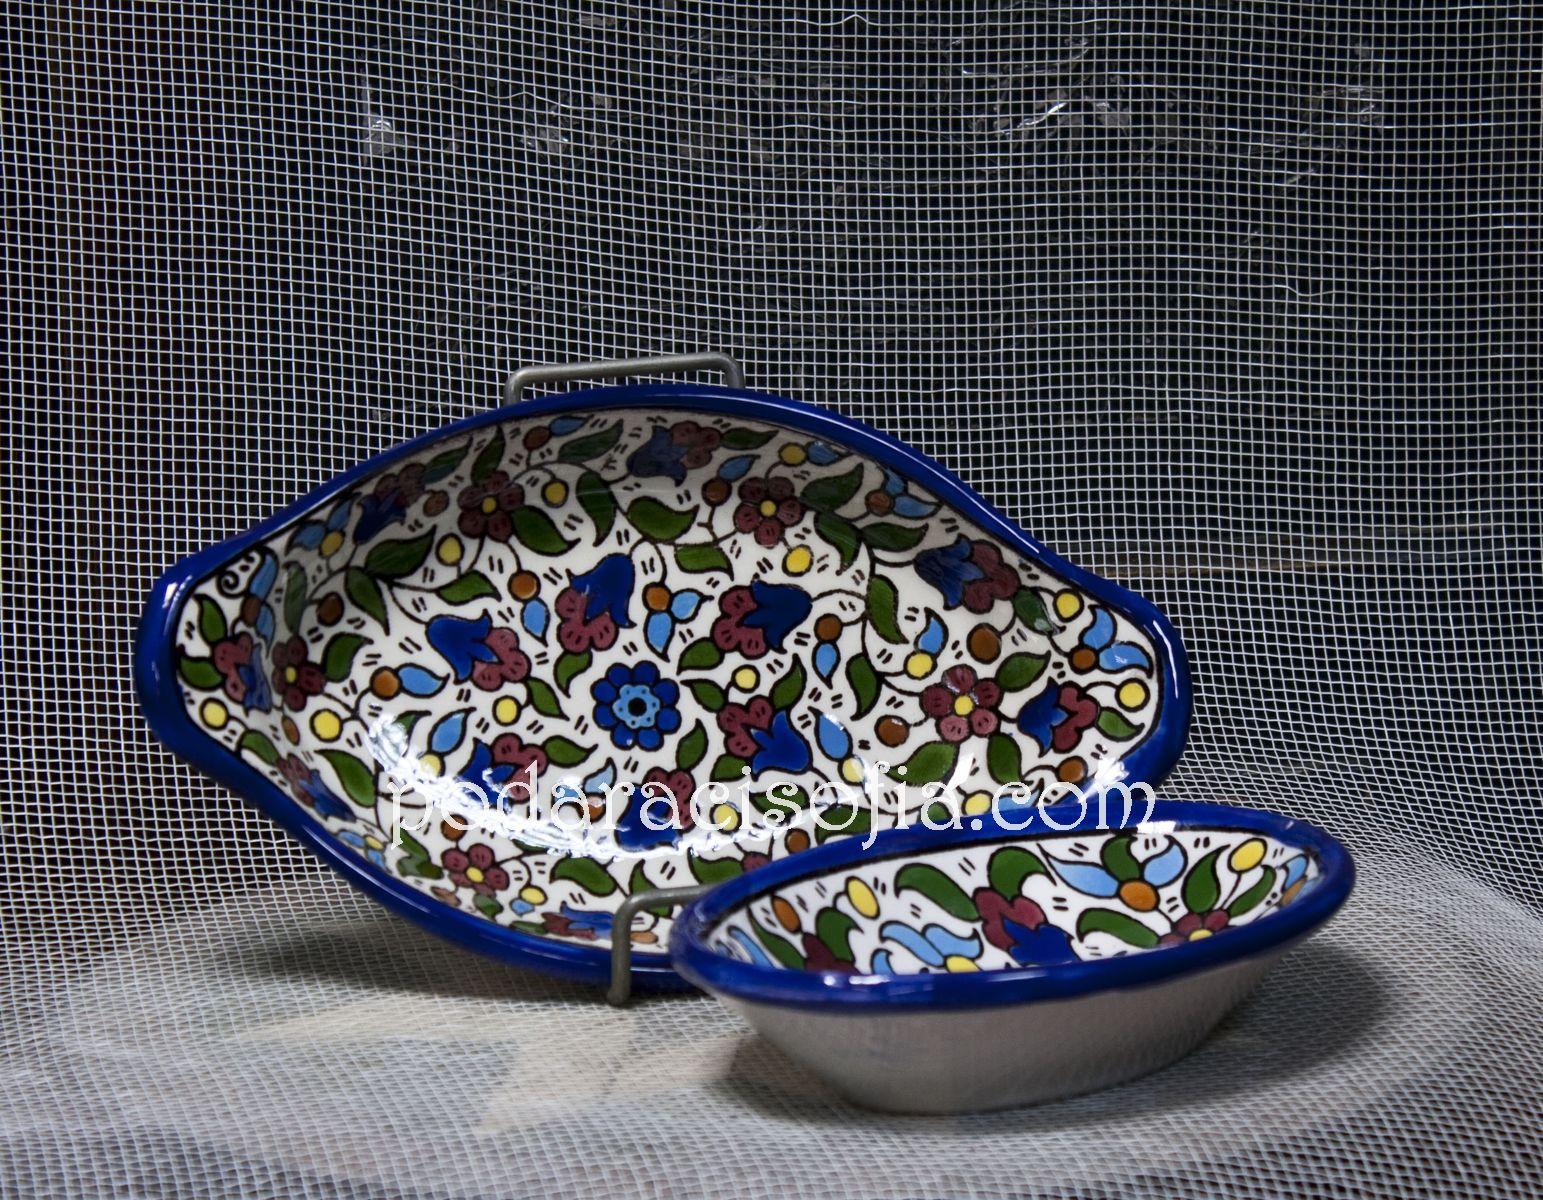 Две малки купи с ярка украса върху бял фон, от порцелан, за сервиране на ядки и лакомства.